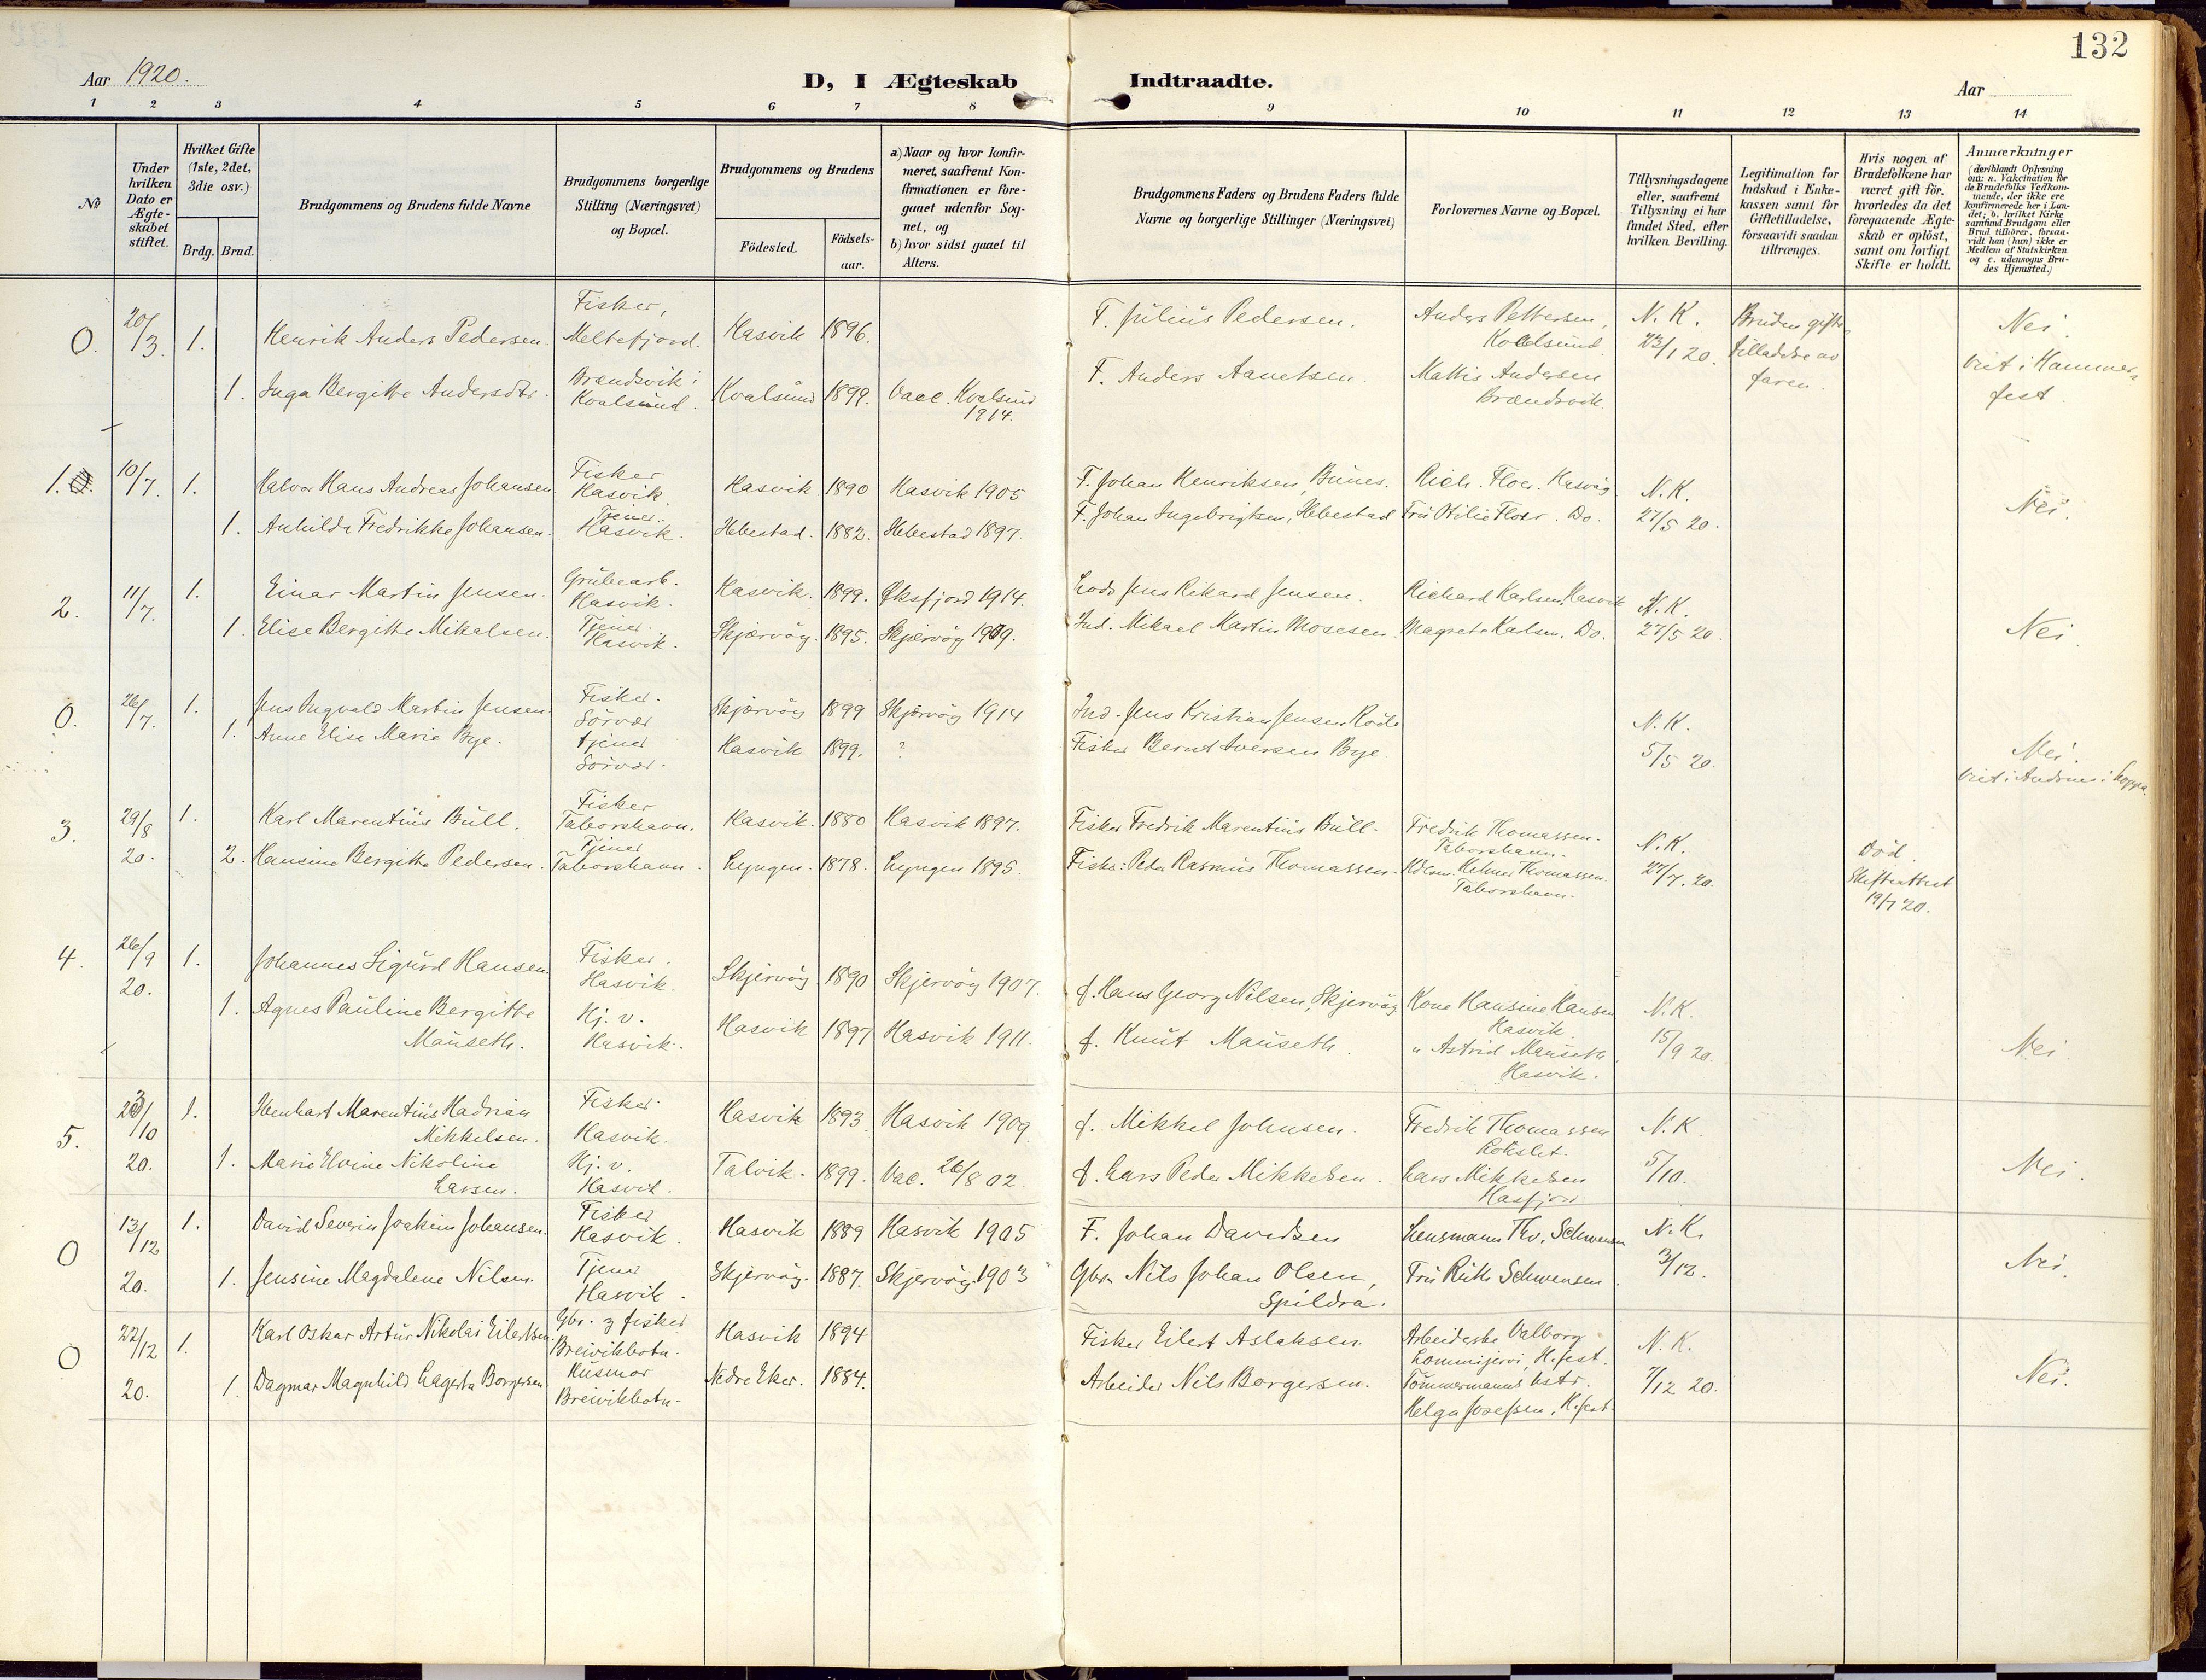 SATØ, Loppa sokneprestkontor, H/Ha/L0010kirke: Ministerialbok nr. 10, 1907-1922, s. 132